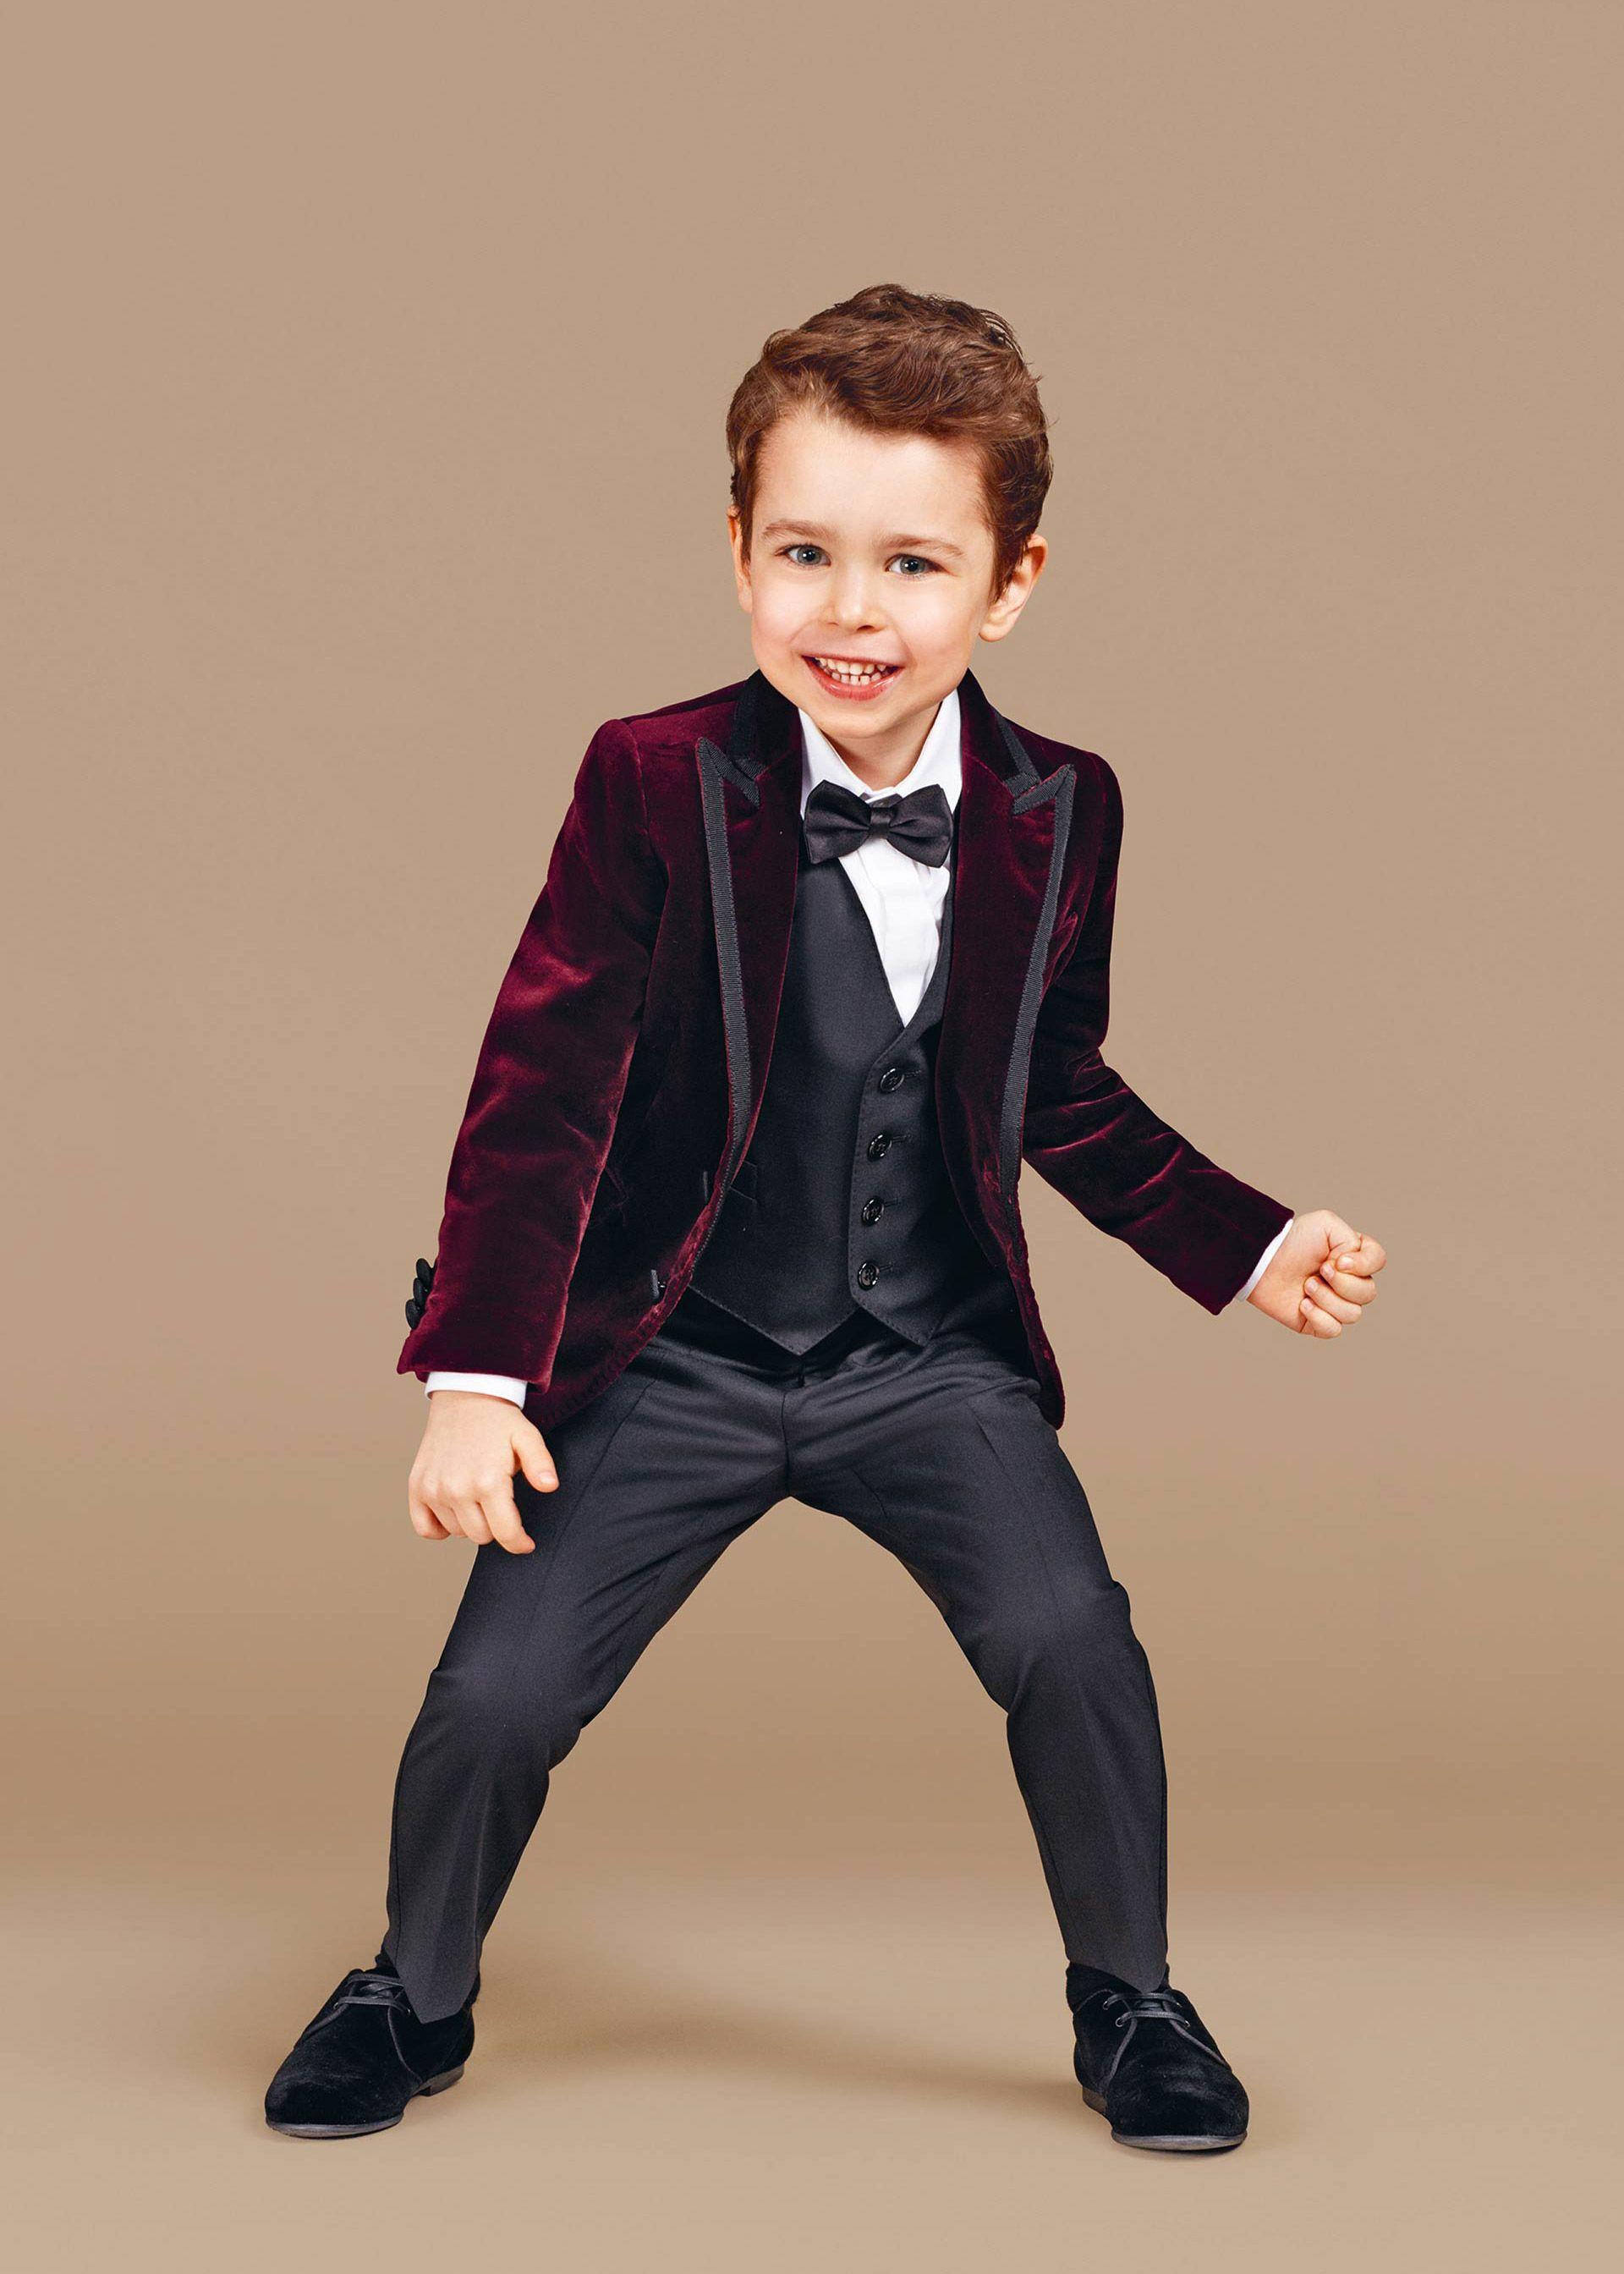 Dolce   Gabbana muchacho de los niños Colección Otoño Invierno 2016 2017  33bd0be8c92